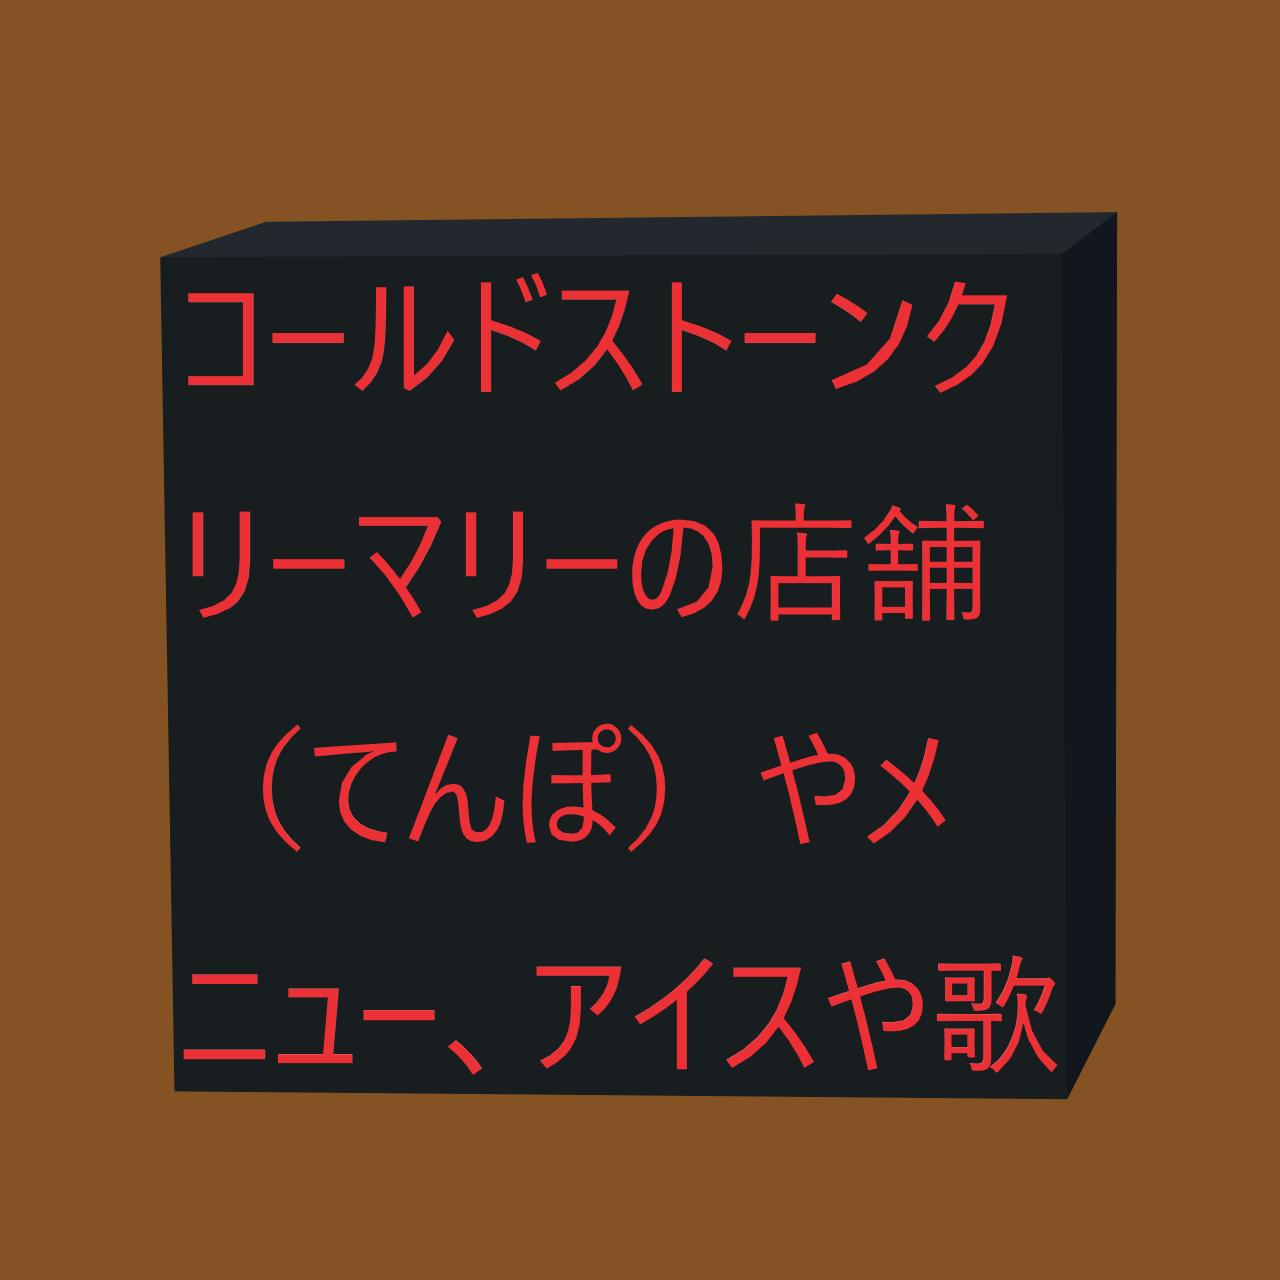 コールドストーンクリーマリーの店舗(てんぽ)やメニュー、アイスや歌、大阪(おおさか)や札幌(さっぽろ)、バイトや食べ放題(ほうだい)、新宿(しんじゅく)や福岡(ふくおか)、値段(ねだん)や渋谷(しぶや)、名古屋(なごや)や閉店(へいてん)、リラックマや池袋(いけぶくろ)、歌詞(かし)やカロリー、かあさんやクレープ、コールドストーンクリーマリーサンドやソラマチ、関西(かんさい)やコールドストーンとは、ハロウィン、おやつなどにかかる画像(がぞう)